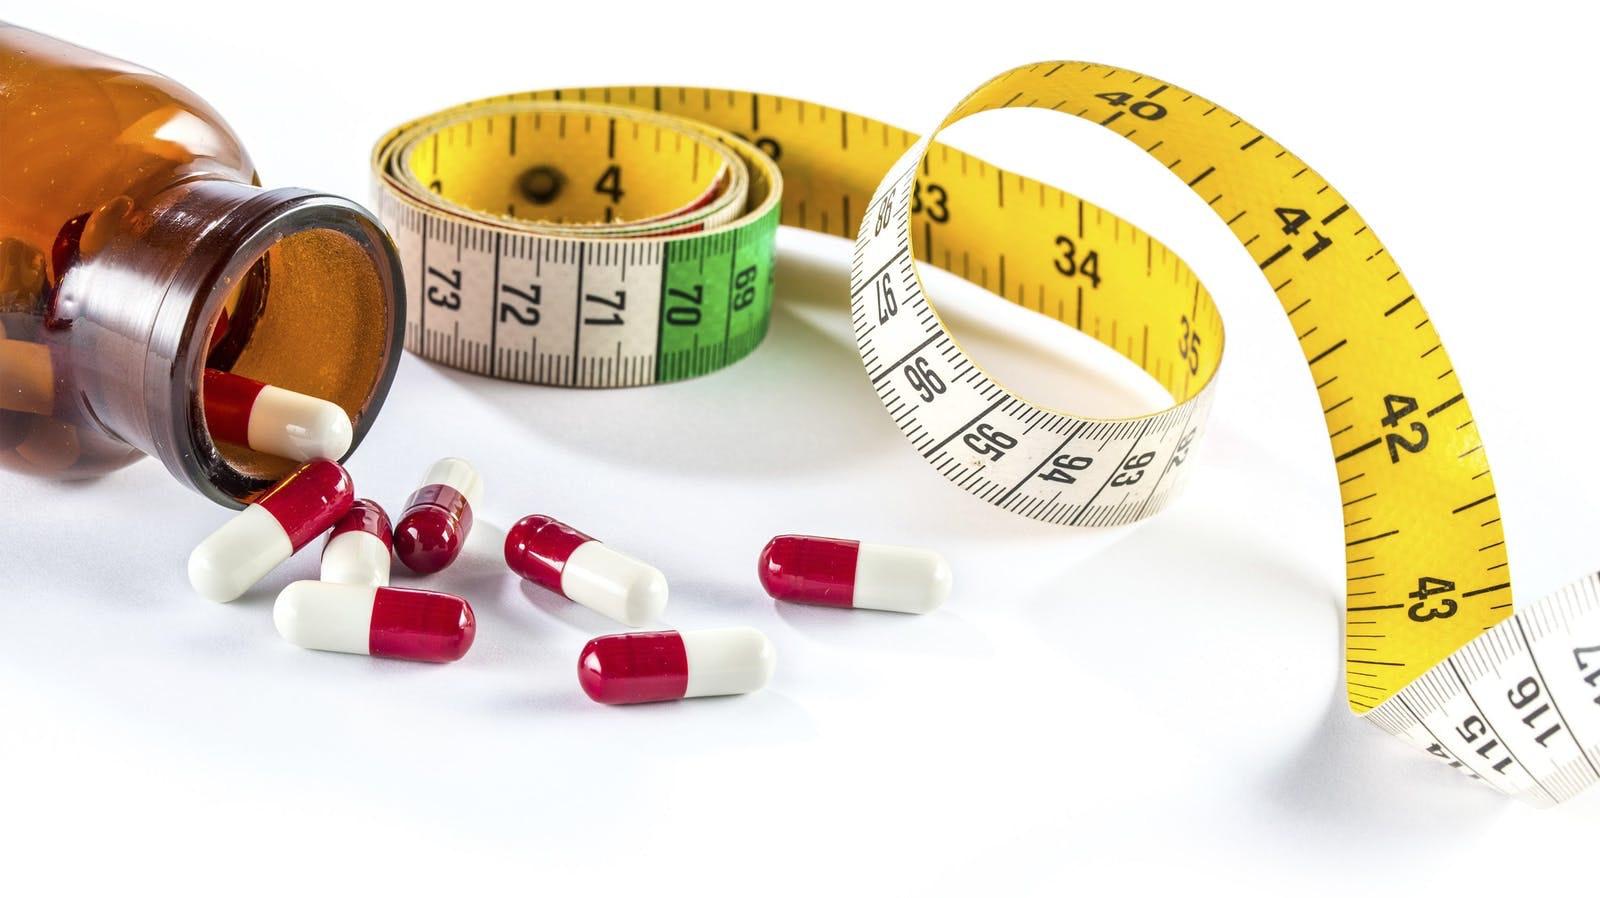 nombres de medicamentos para perder peso recetados